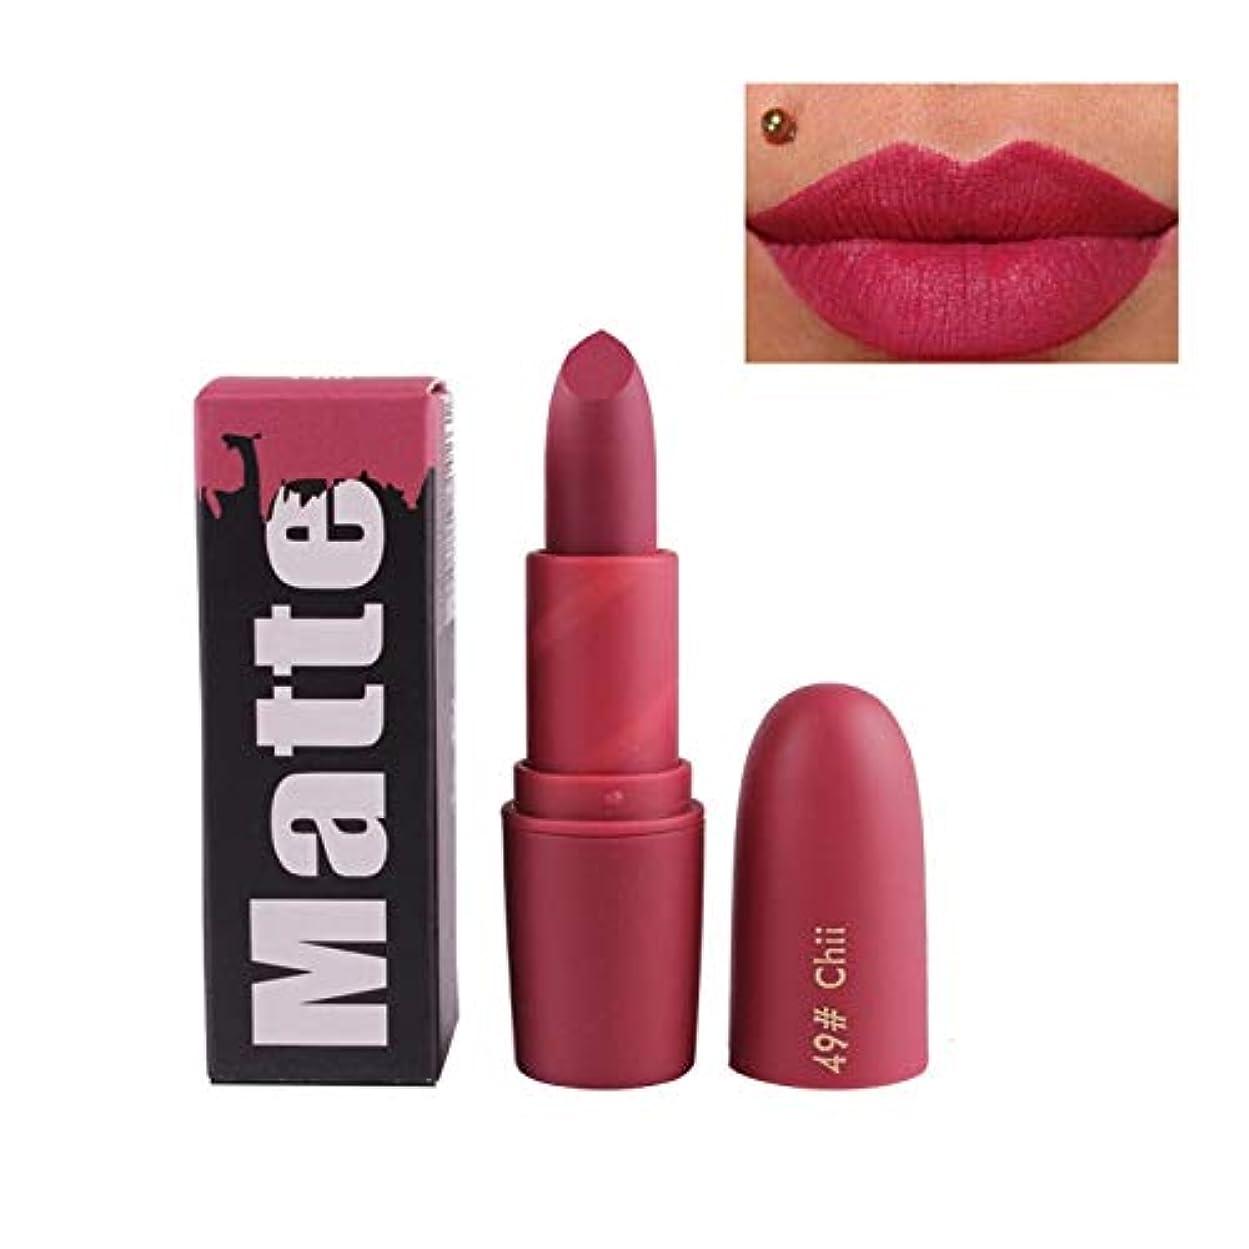 倫理的こどもの日解決Sidiate - ミス?ローズヌード口紅マットメイクラスティング女性セクシーなブランドの唇の色の化粧品防水ロングのための新しい口紅